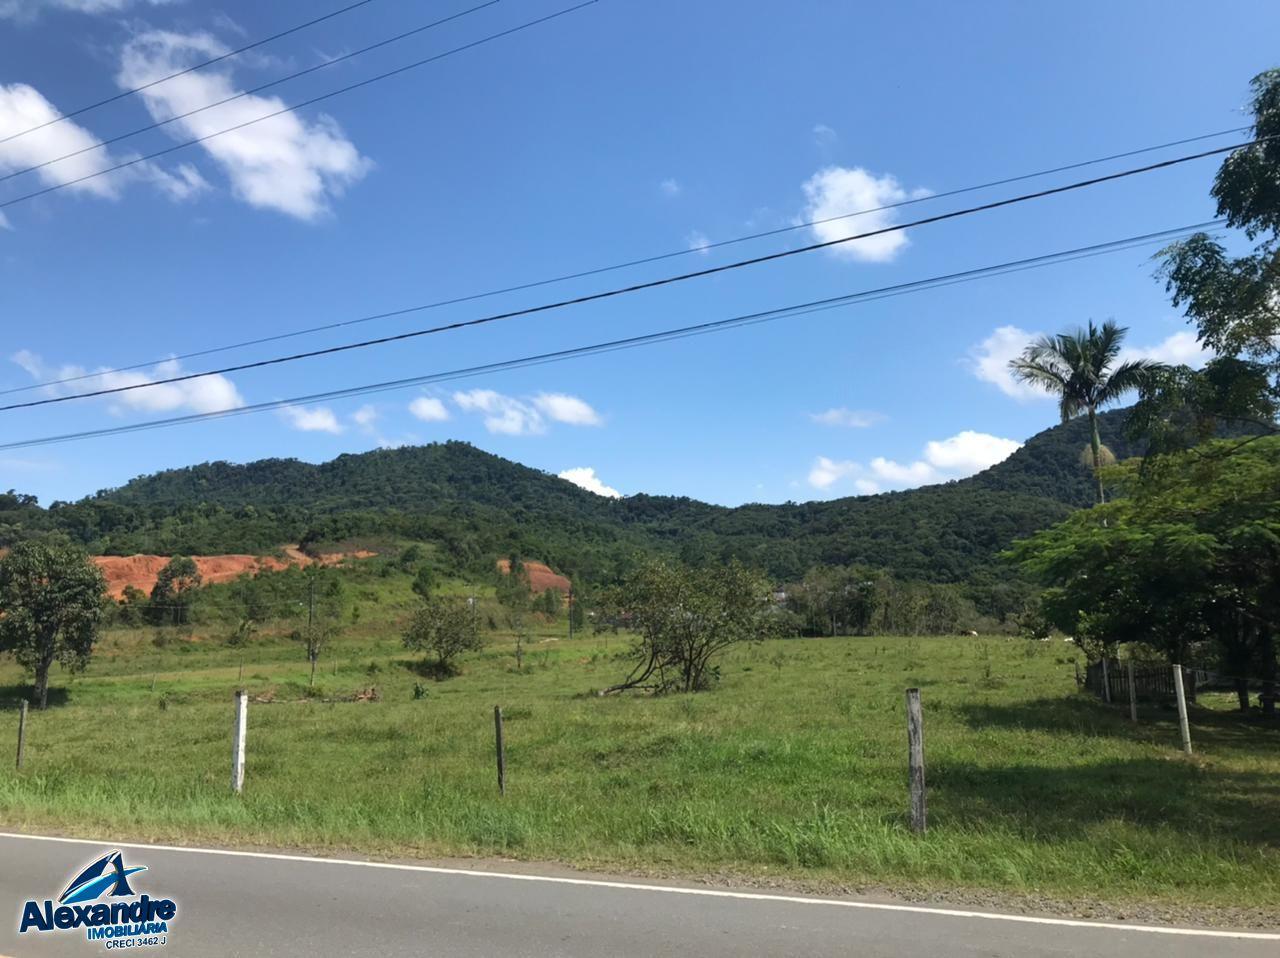 Terreno/Lote à venda  no João Pessoa - Jaraguá do Sul, SC. Imóveis